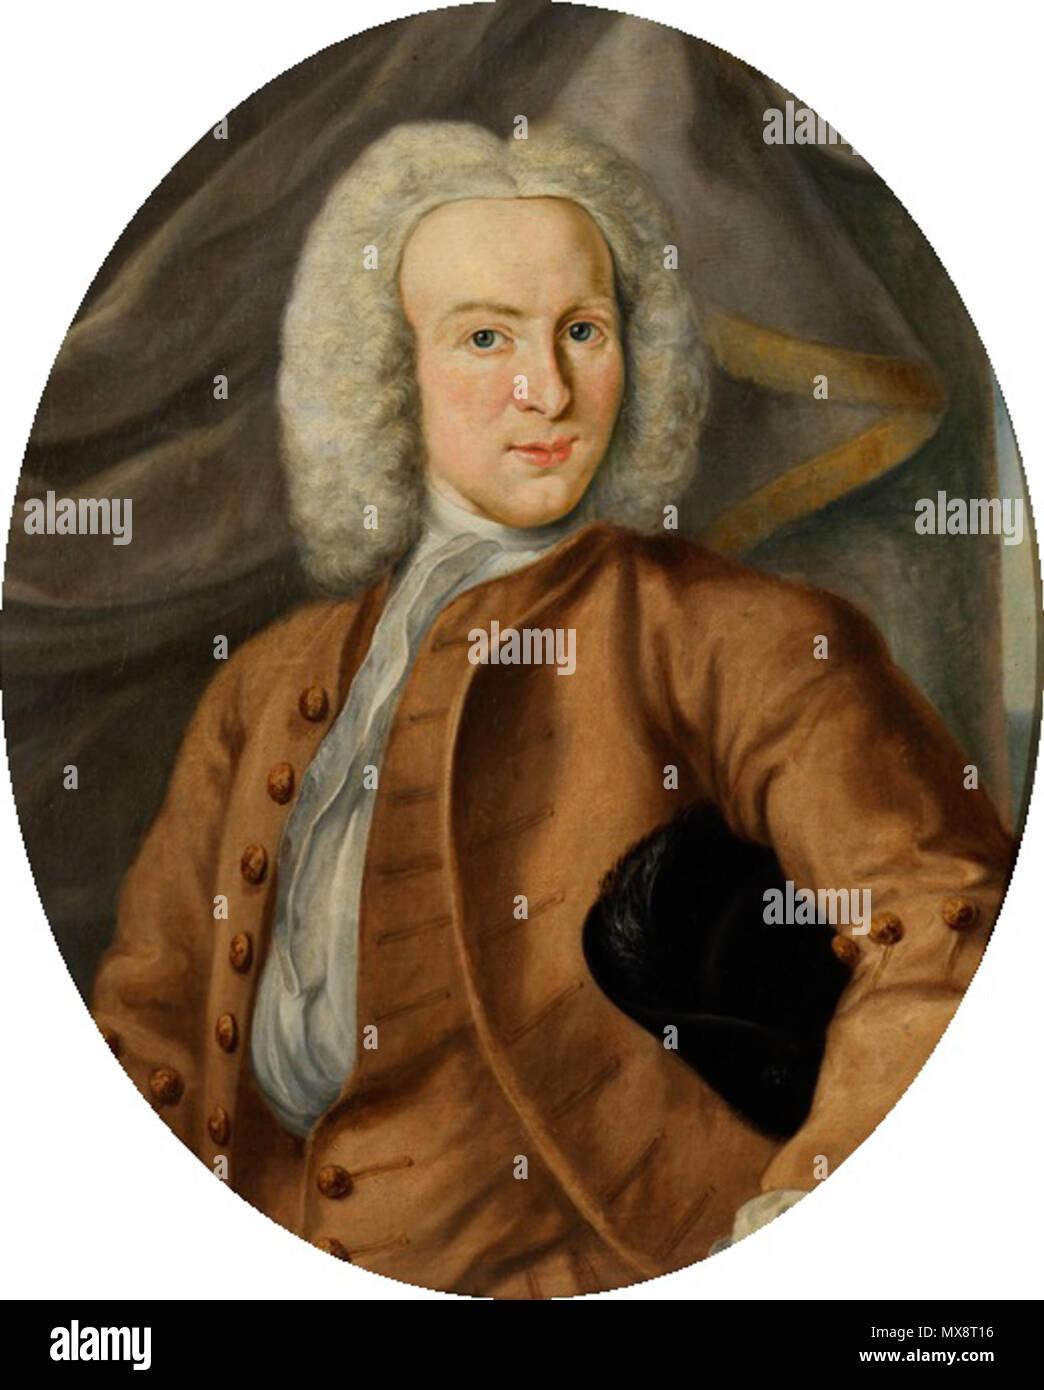 . Nederlands: Reint Jan Lewe van Middelstum . 1740. Johannes Antiquus (1702-1750) 320 Johannes Antiquus - Reint Jan Lewe van Middelstum - Stock Image